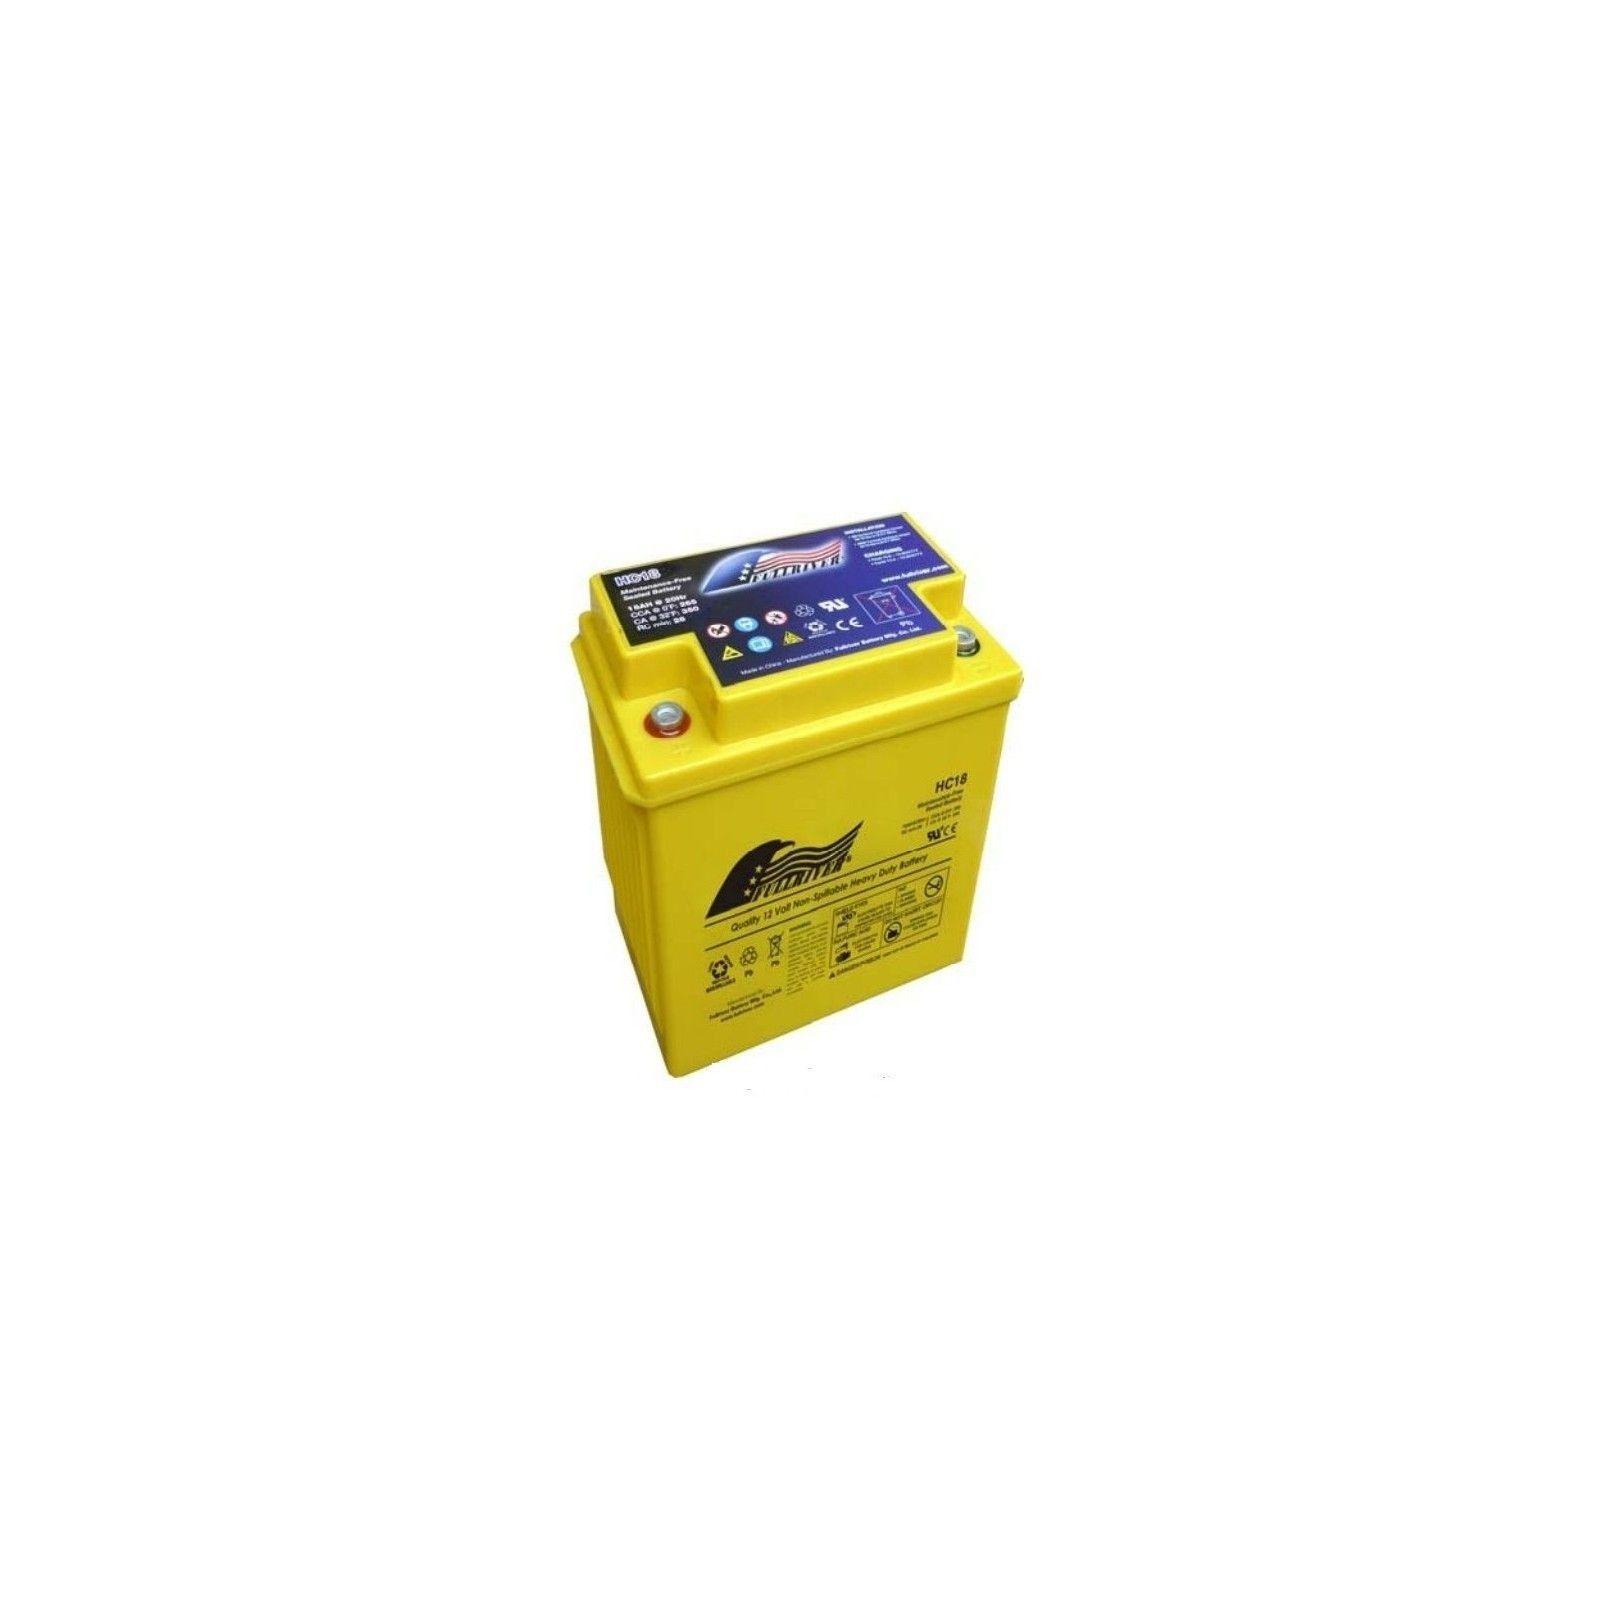 Batería Fullriver HC18 18Ah 265A 12V Hc FULLRIVER - 1